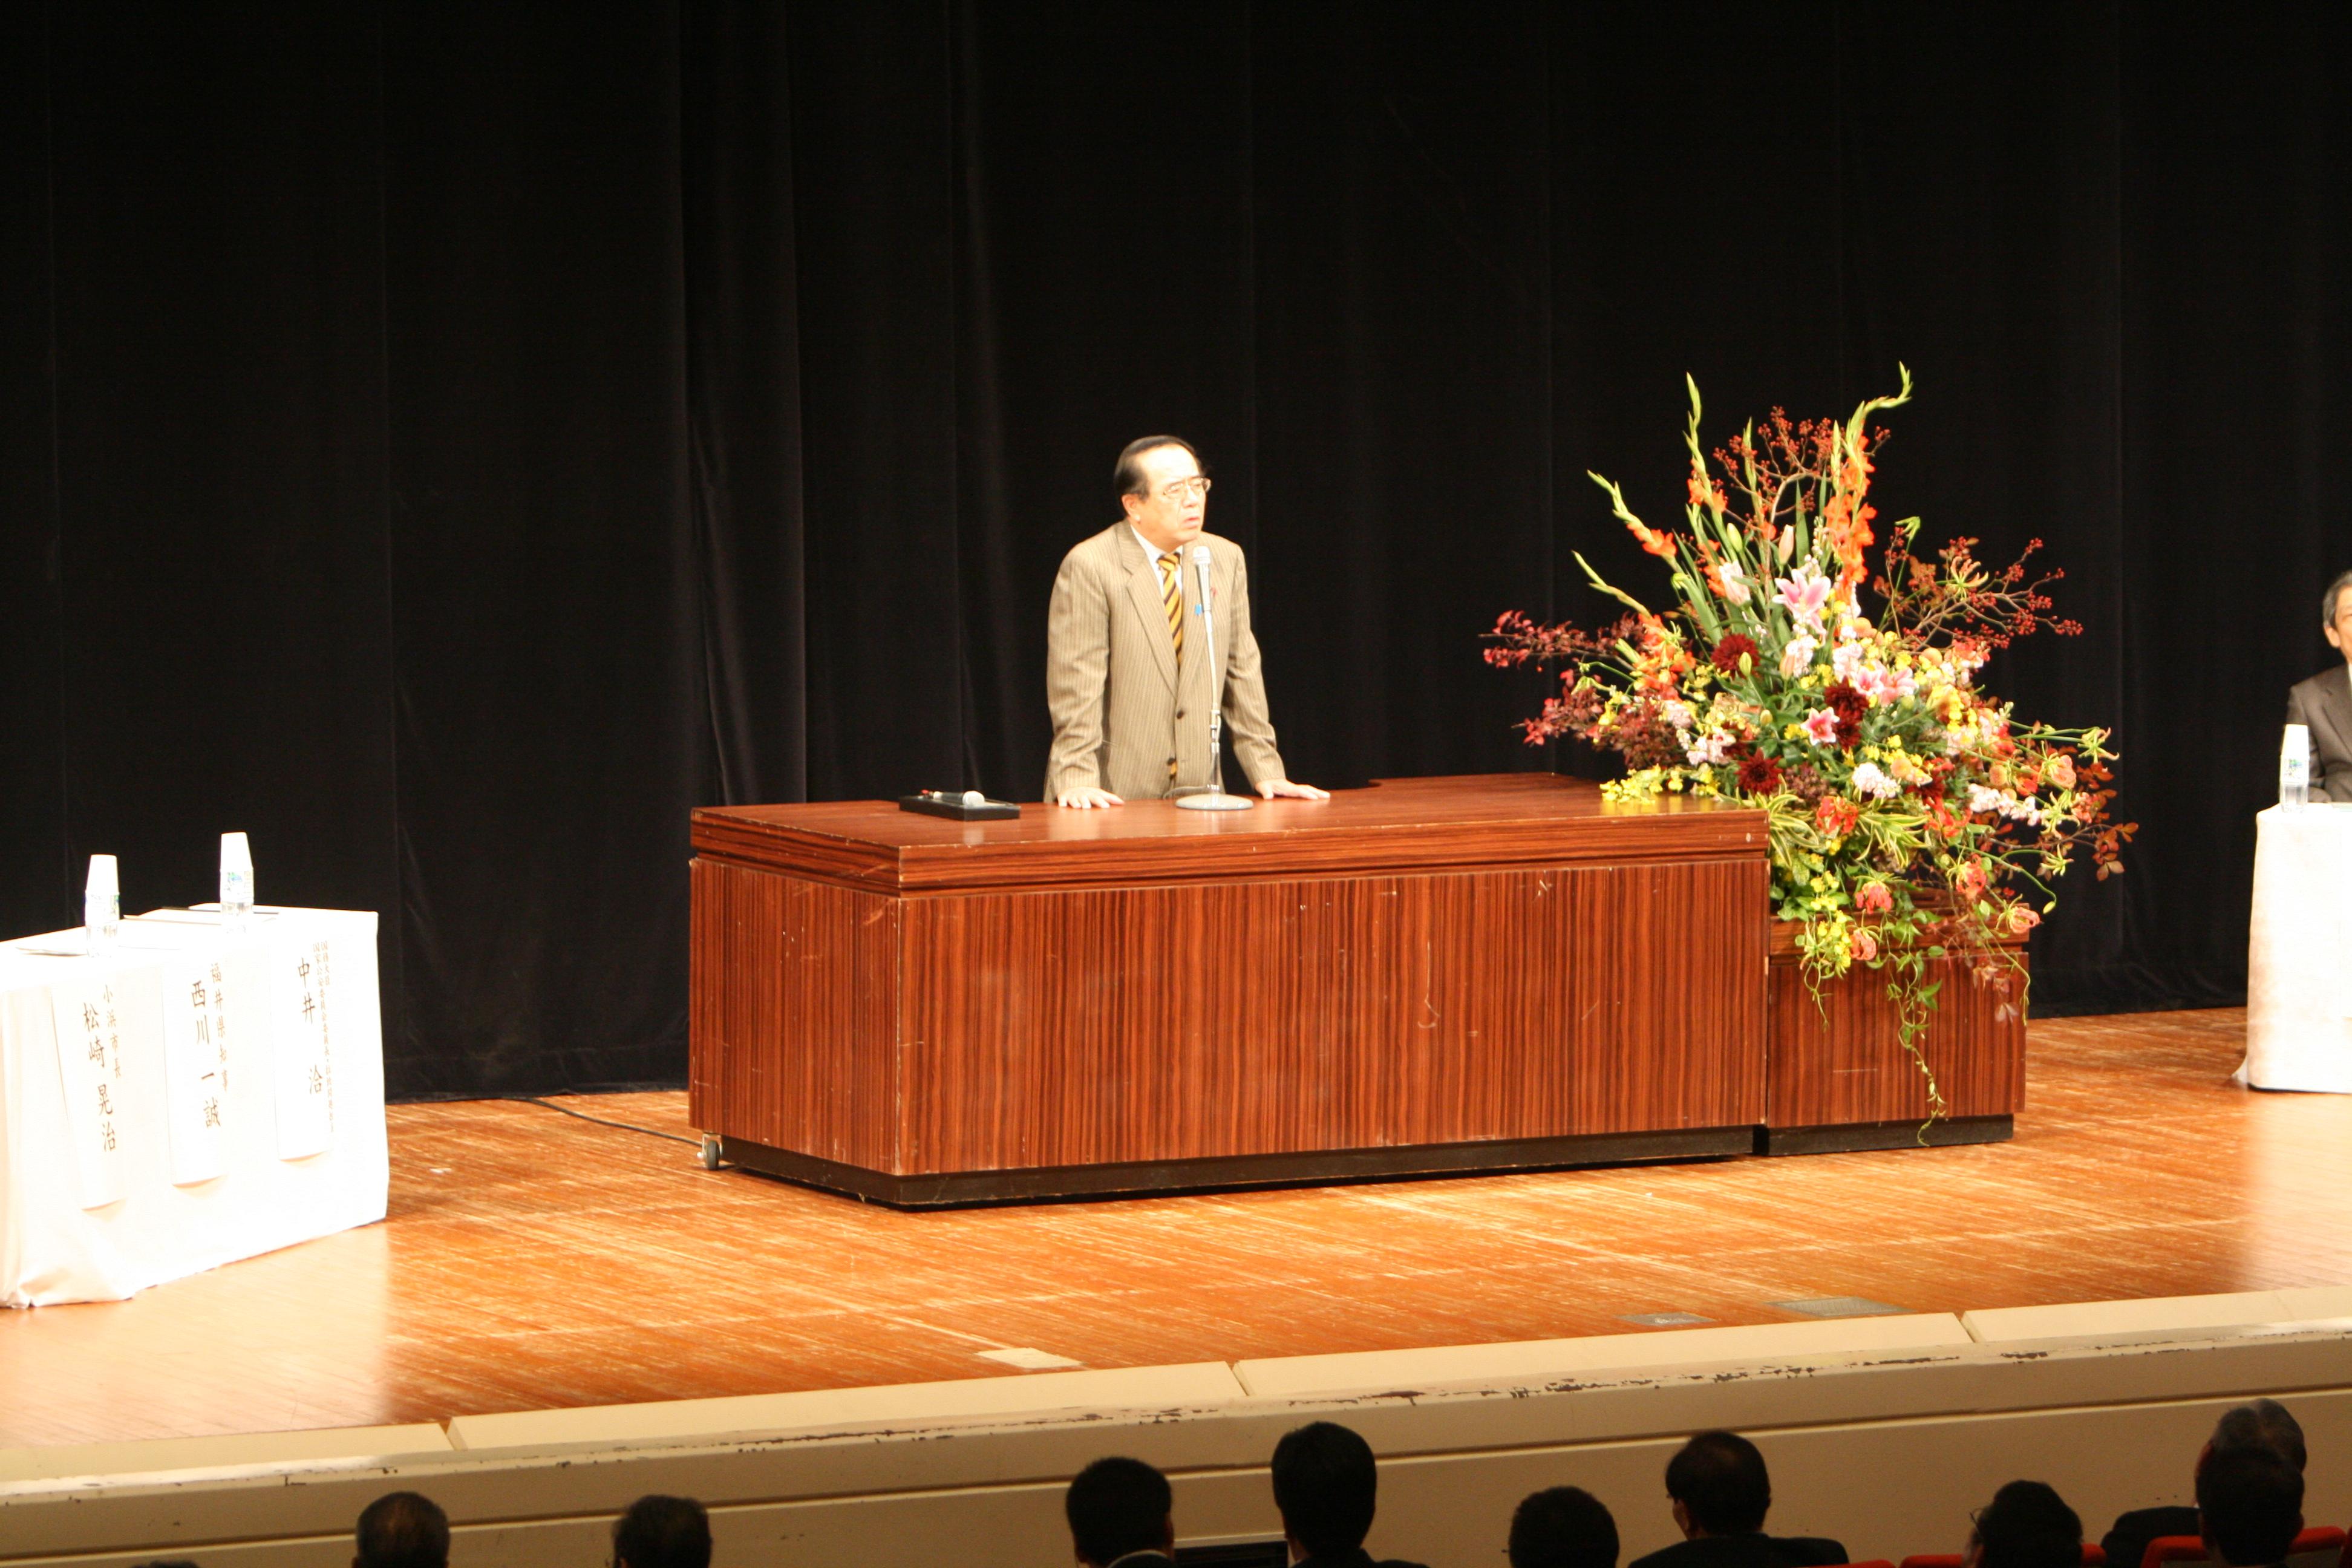 「北朝鮮に拉致された日本人を救出する国民大集会 福井大会」を開催しました。